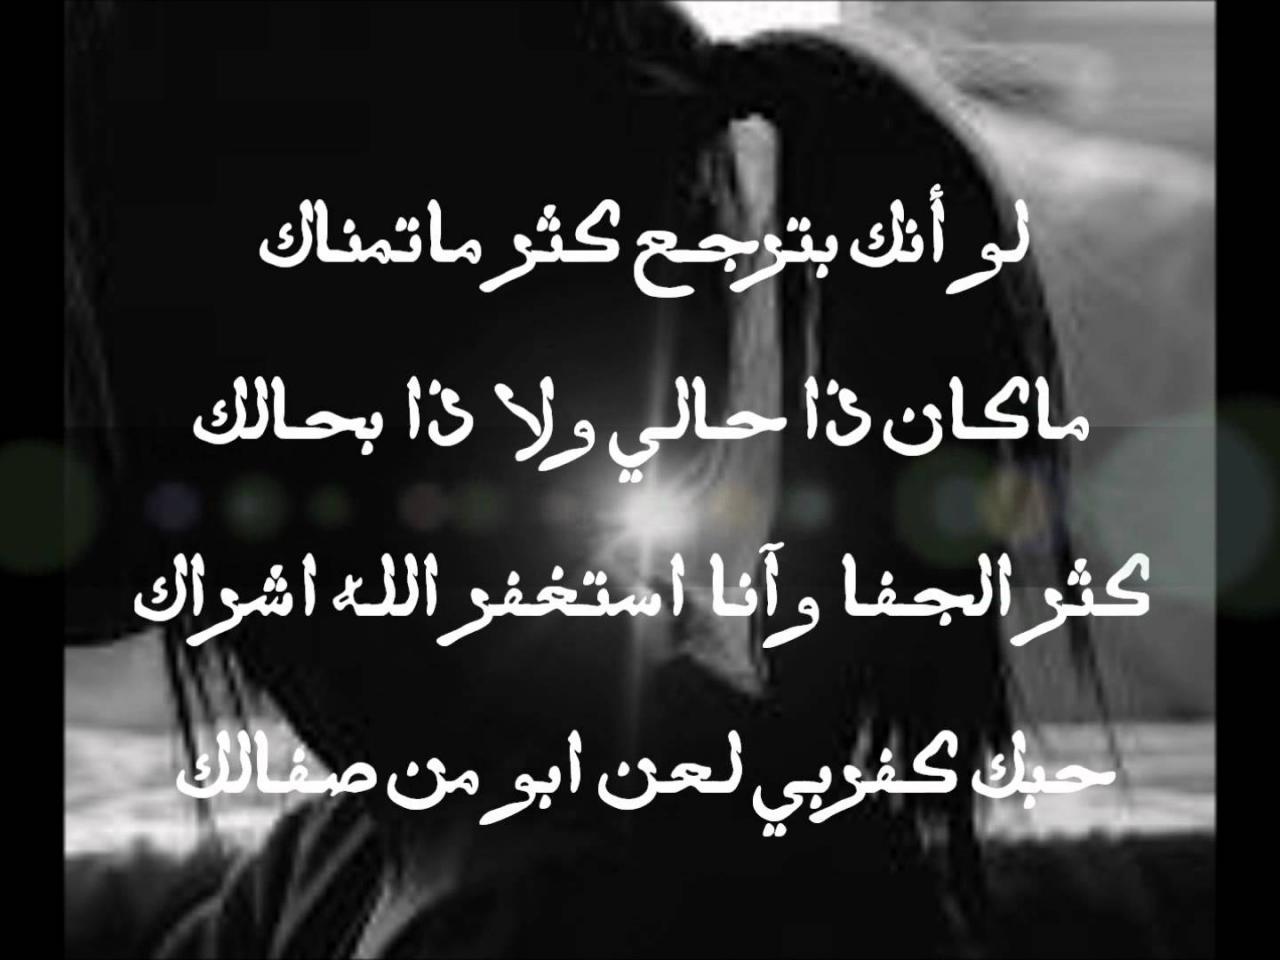 صور اشعار حب حزينة , اجمل الكلمات الحزينه